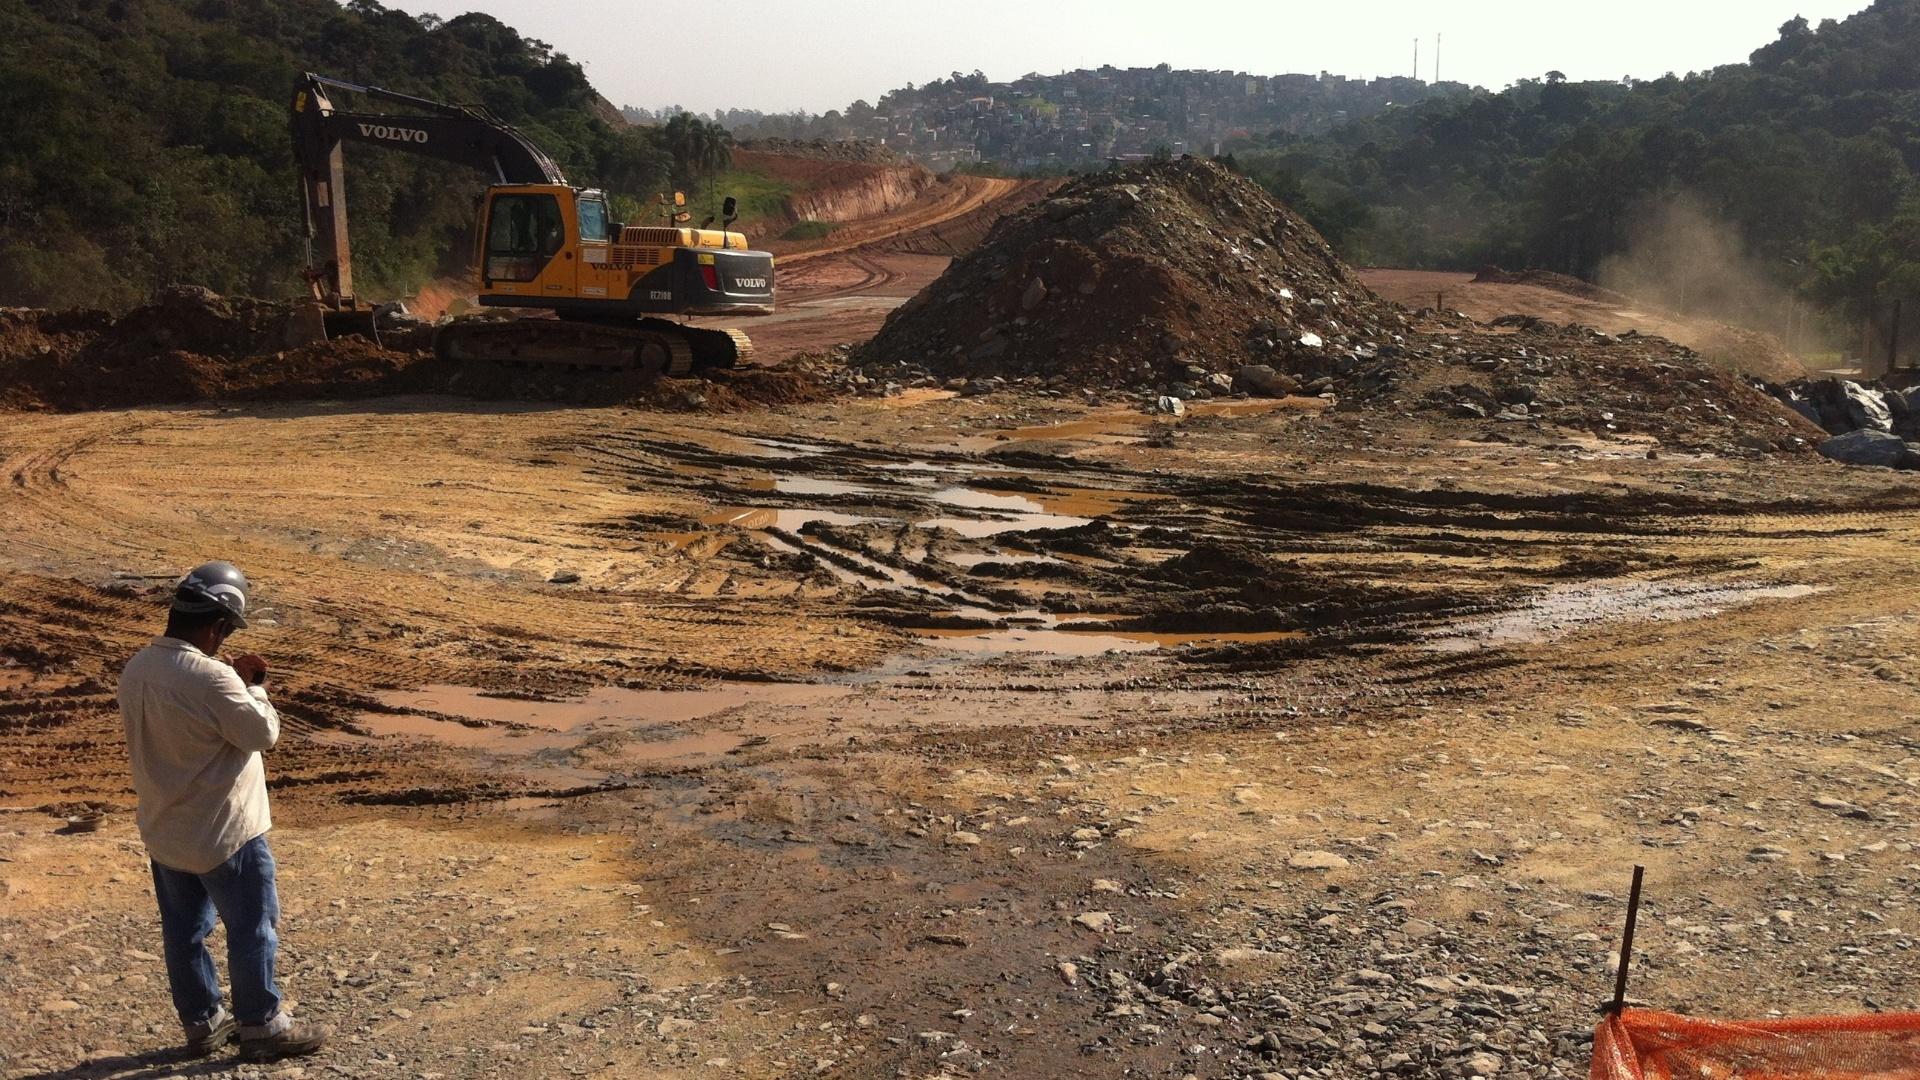 Em visita a trecho em construção do Rodoanel em área de preservação, reportagem encontrou vazamento de água drenada de uma montanha por todo o canteiro de obras